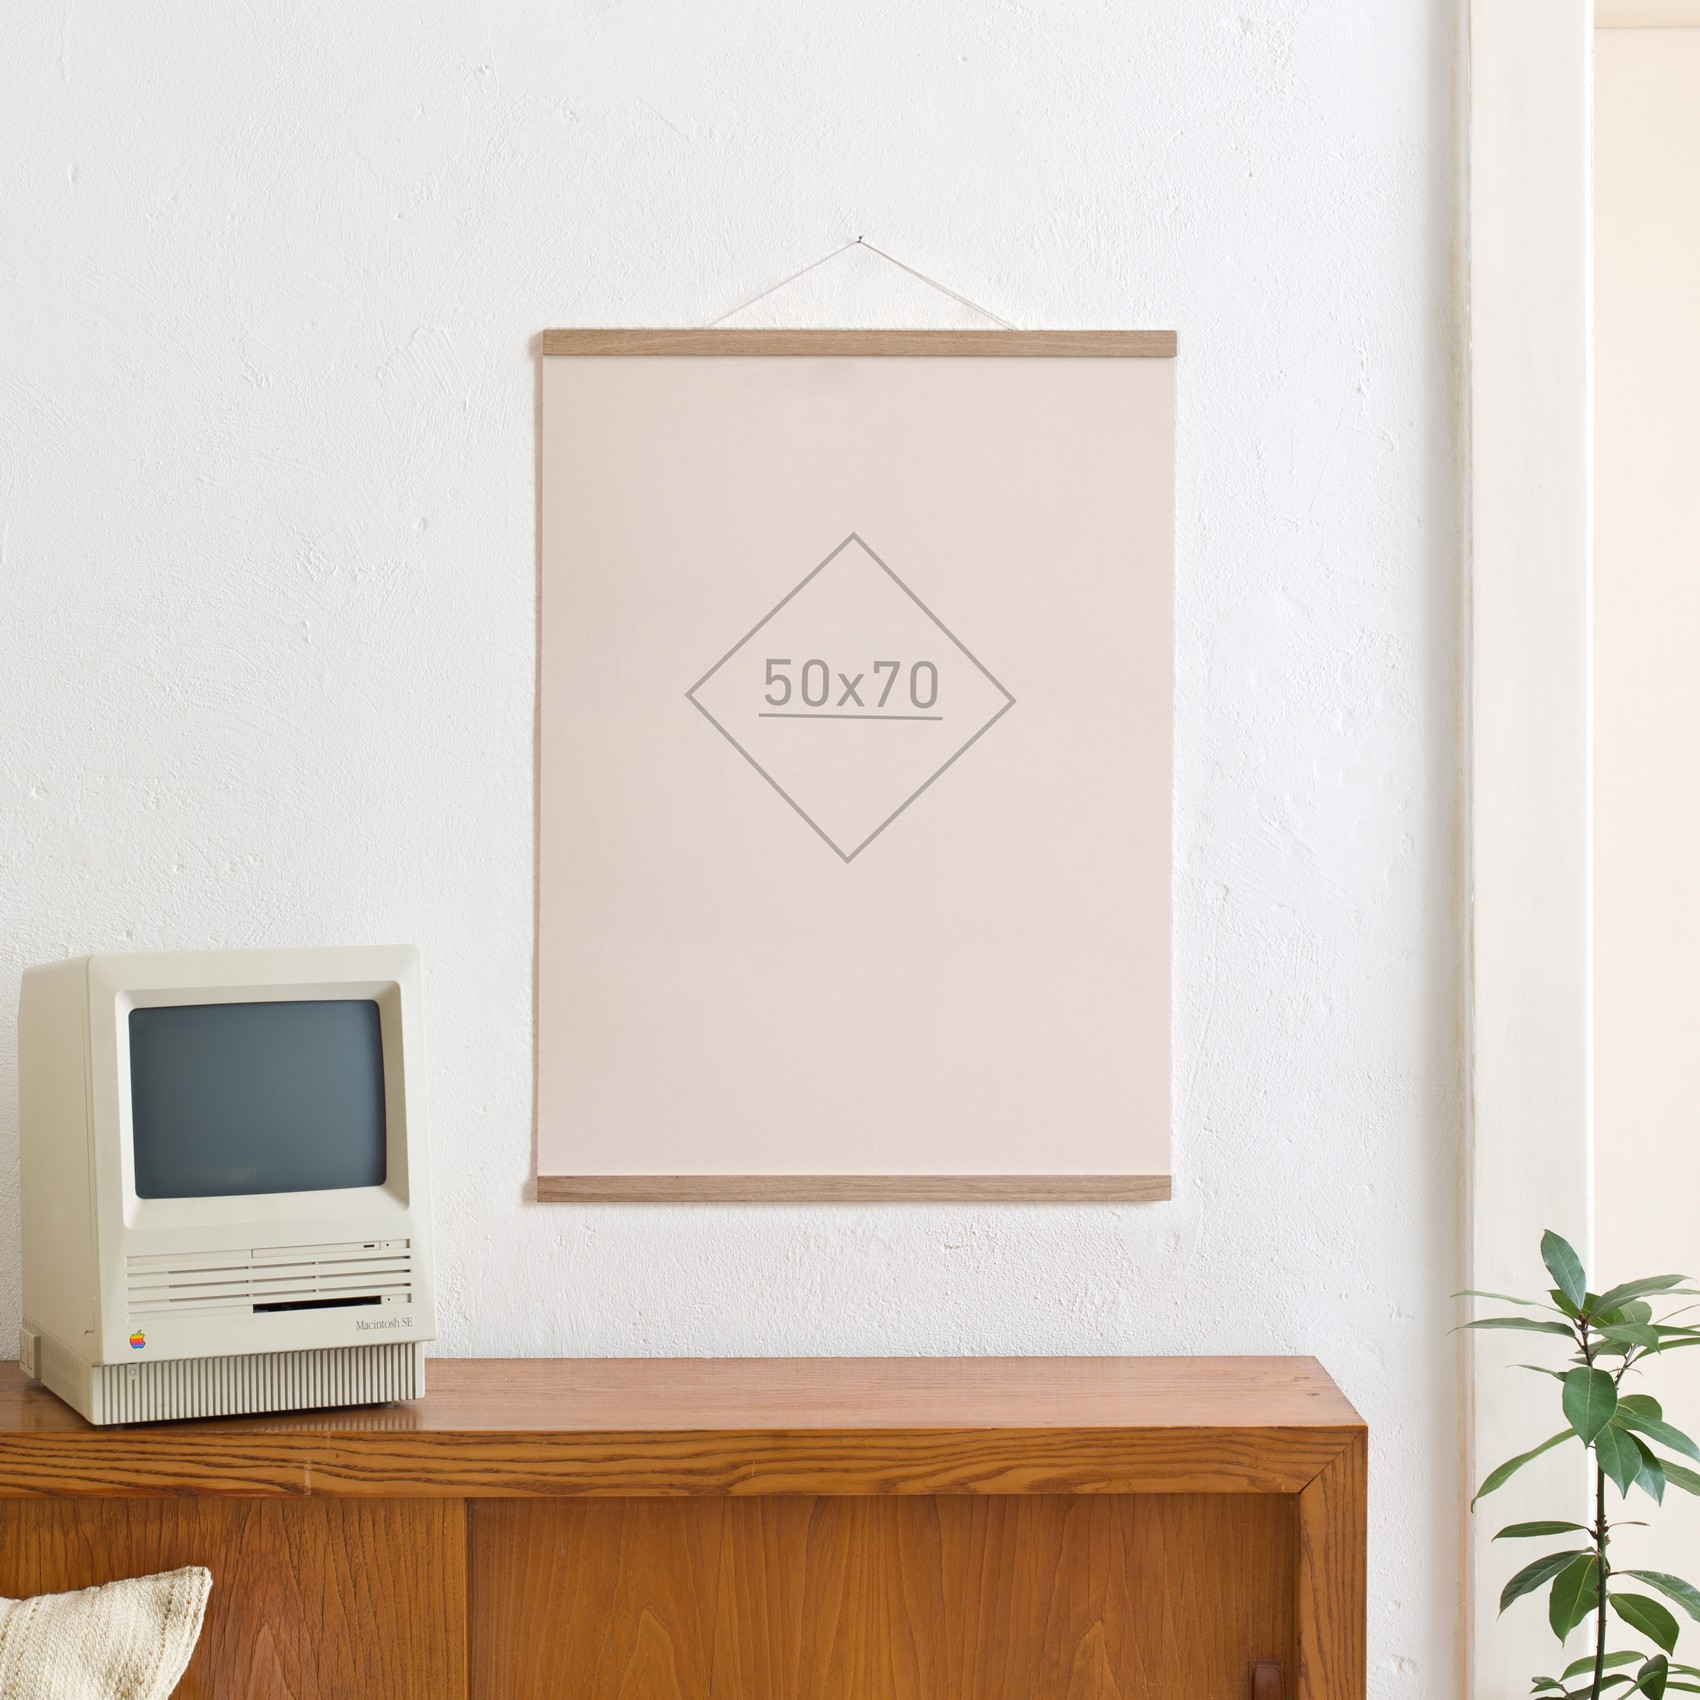 kleinwaren von laufenberg die magnetische poster und. Black Bedroom Furniture Sets. Home Design Ideas